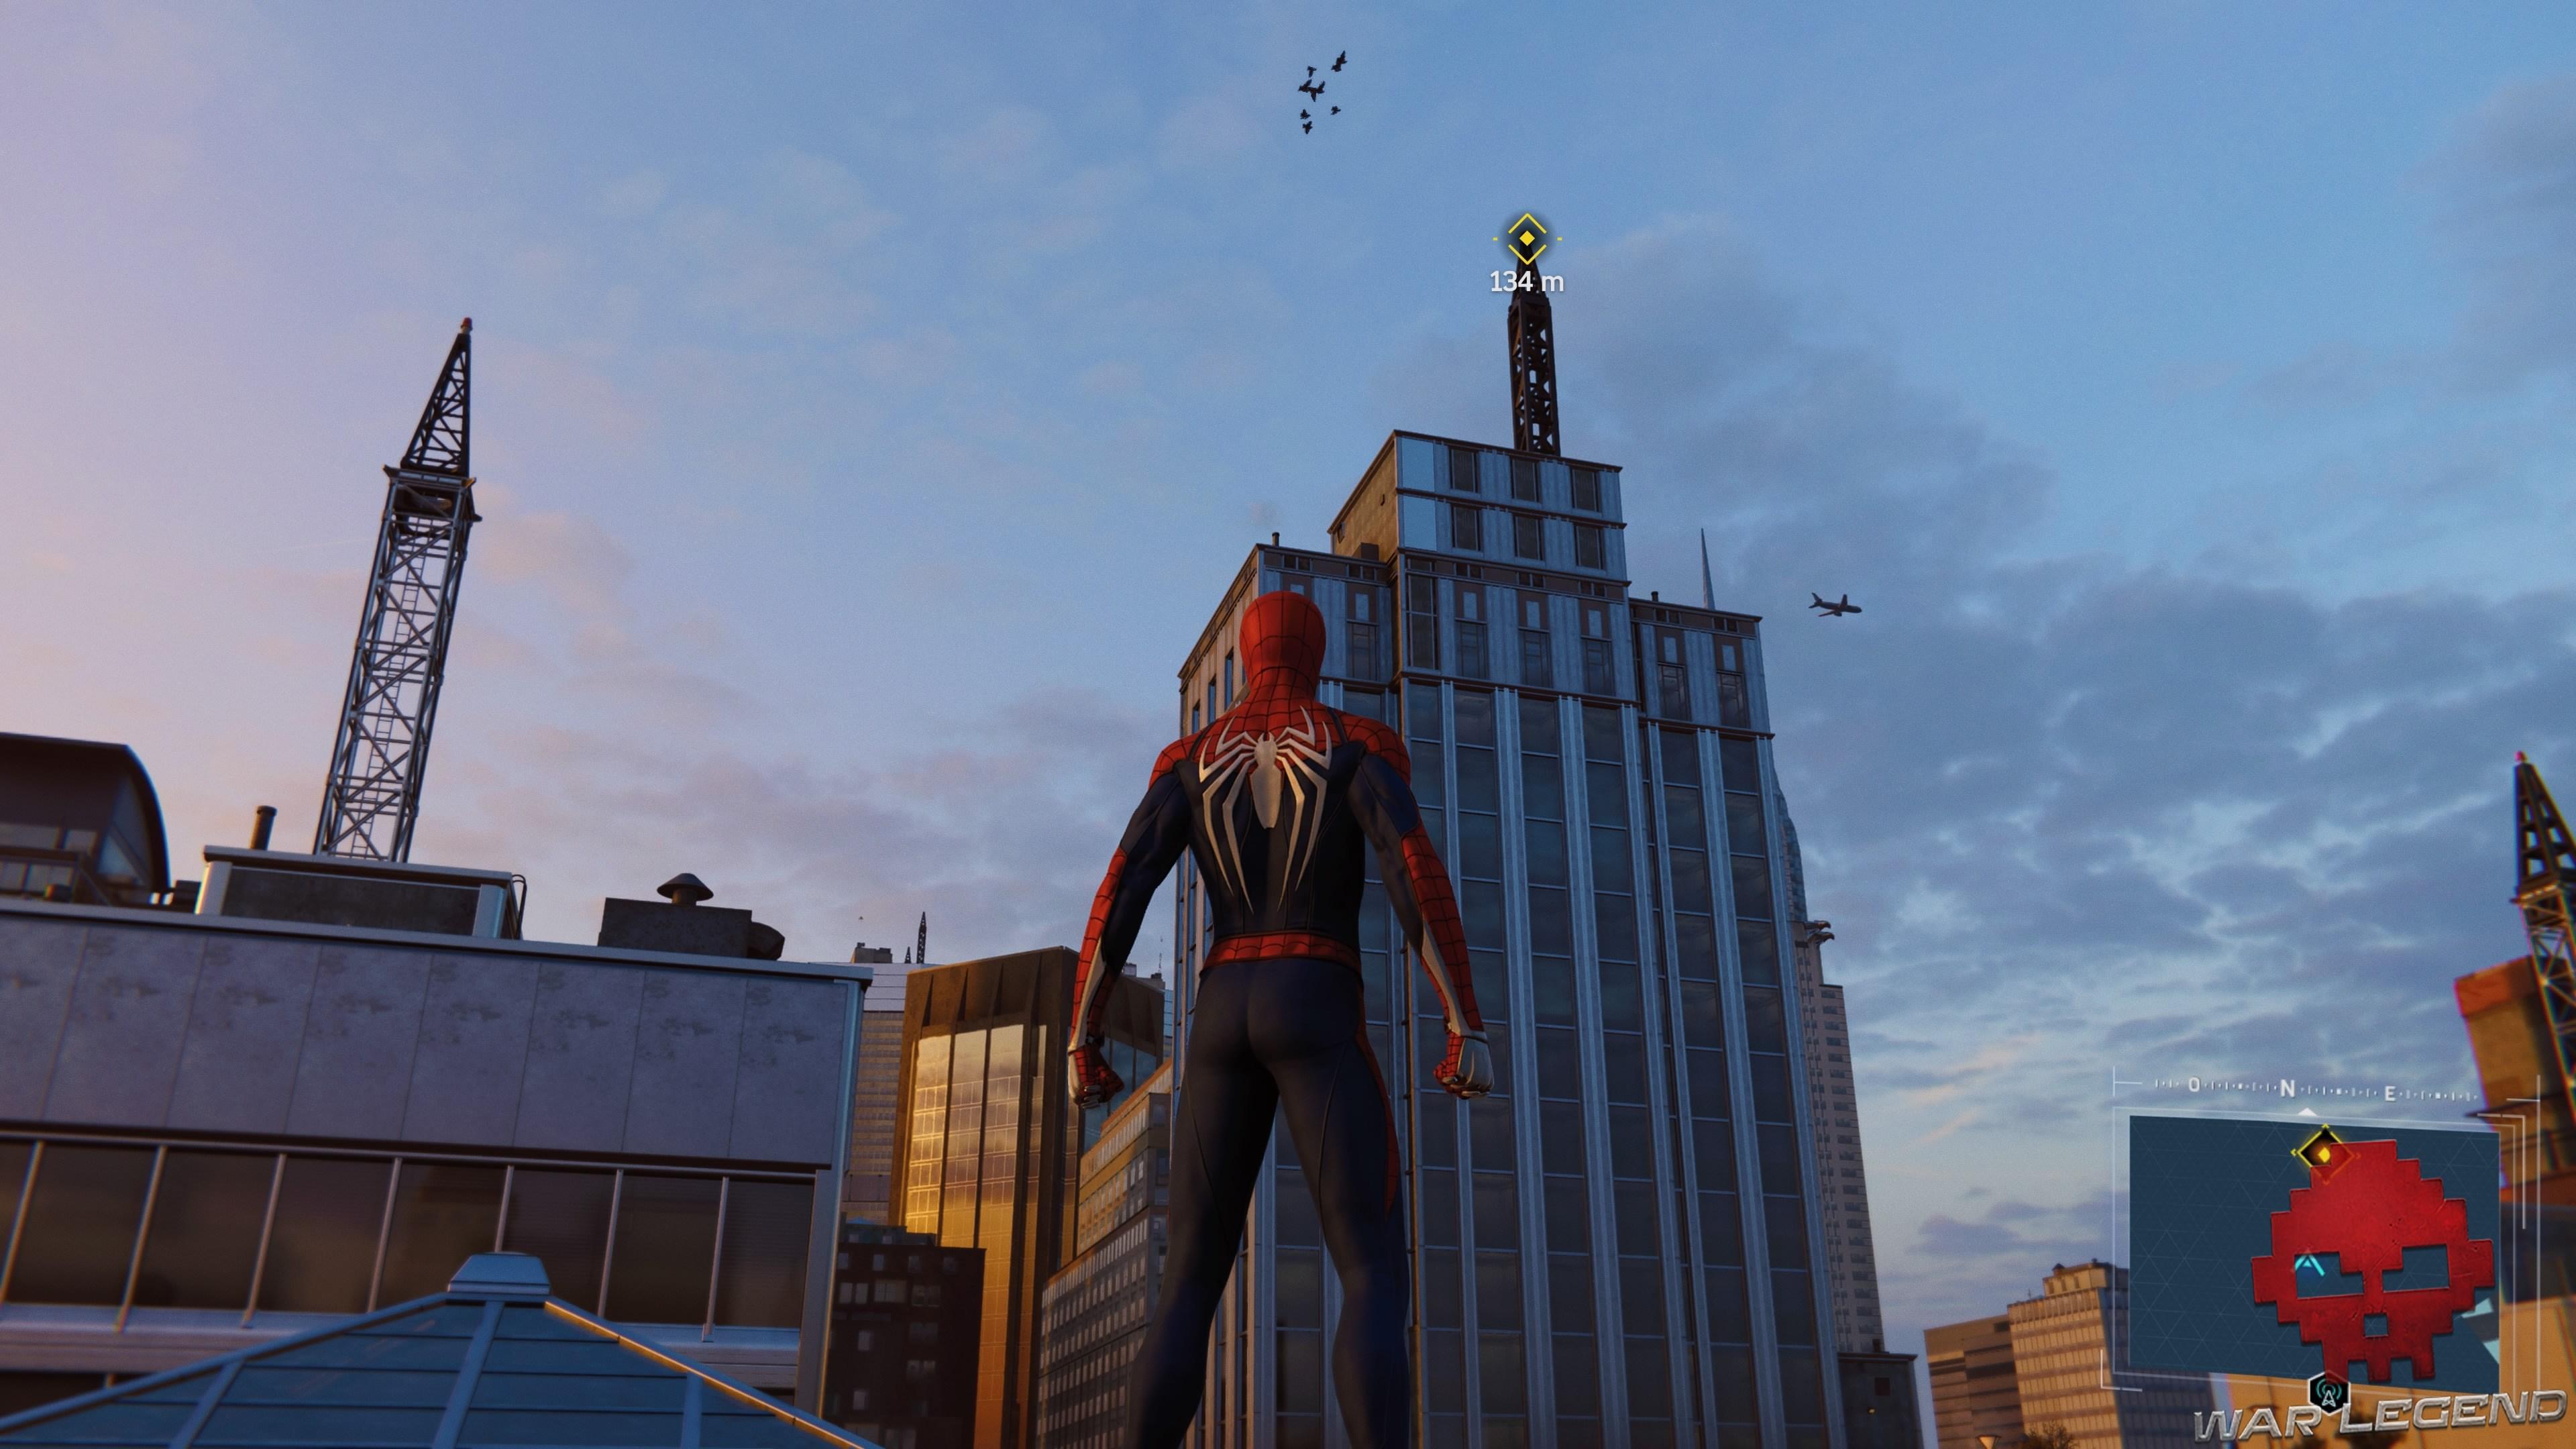 Le perchoir est en vue sur le toit d'un bâtiment